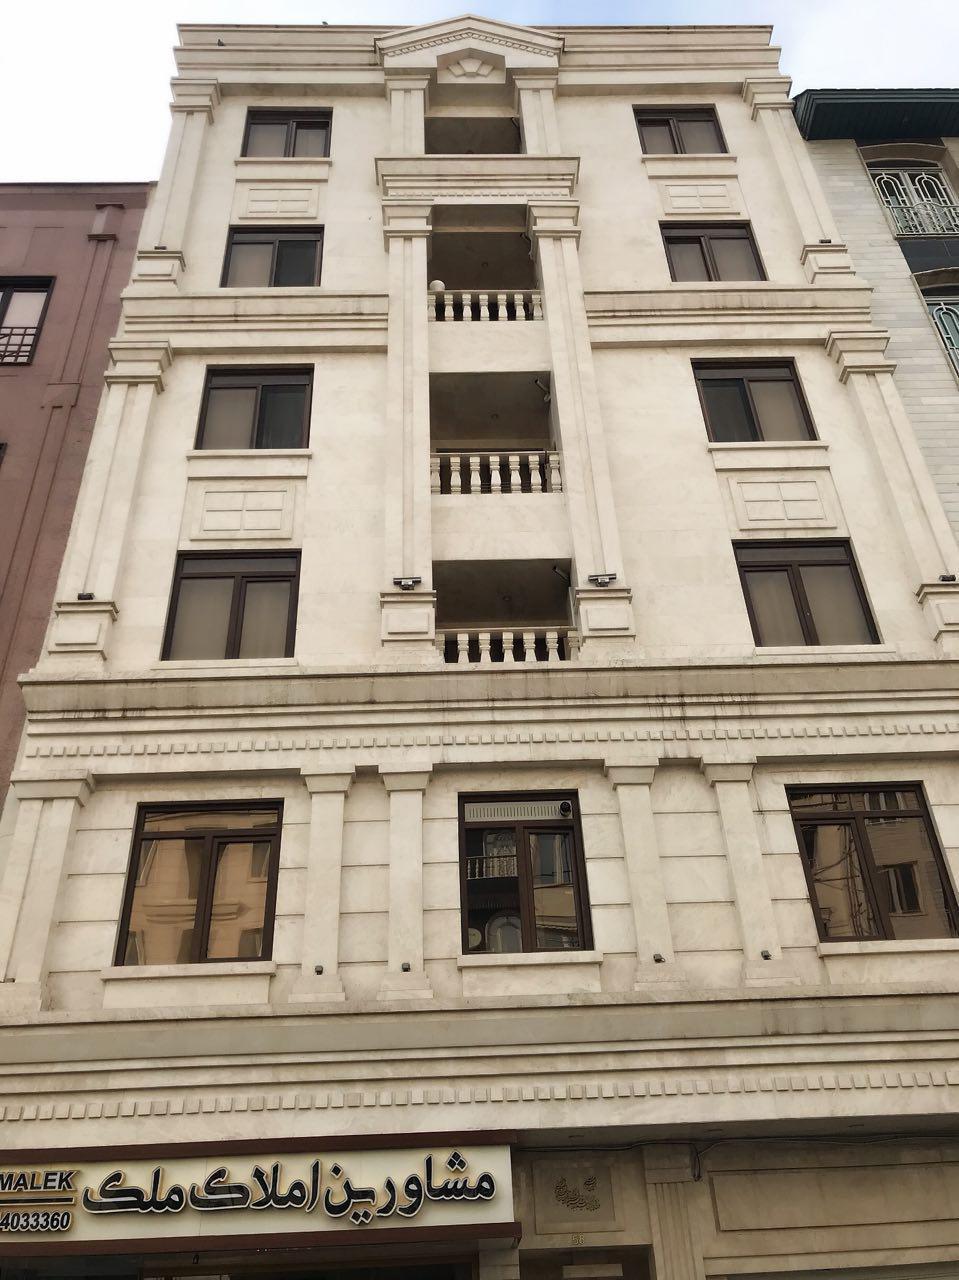 پروژه گلستان سوم – منطقه آریاشهر